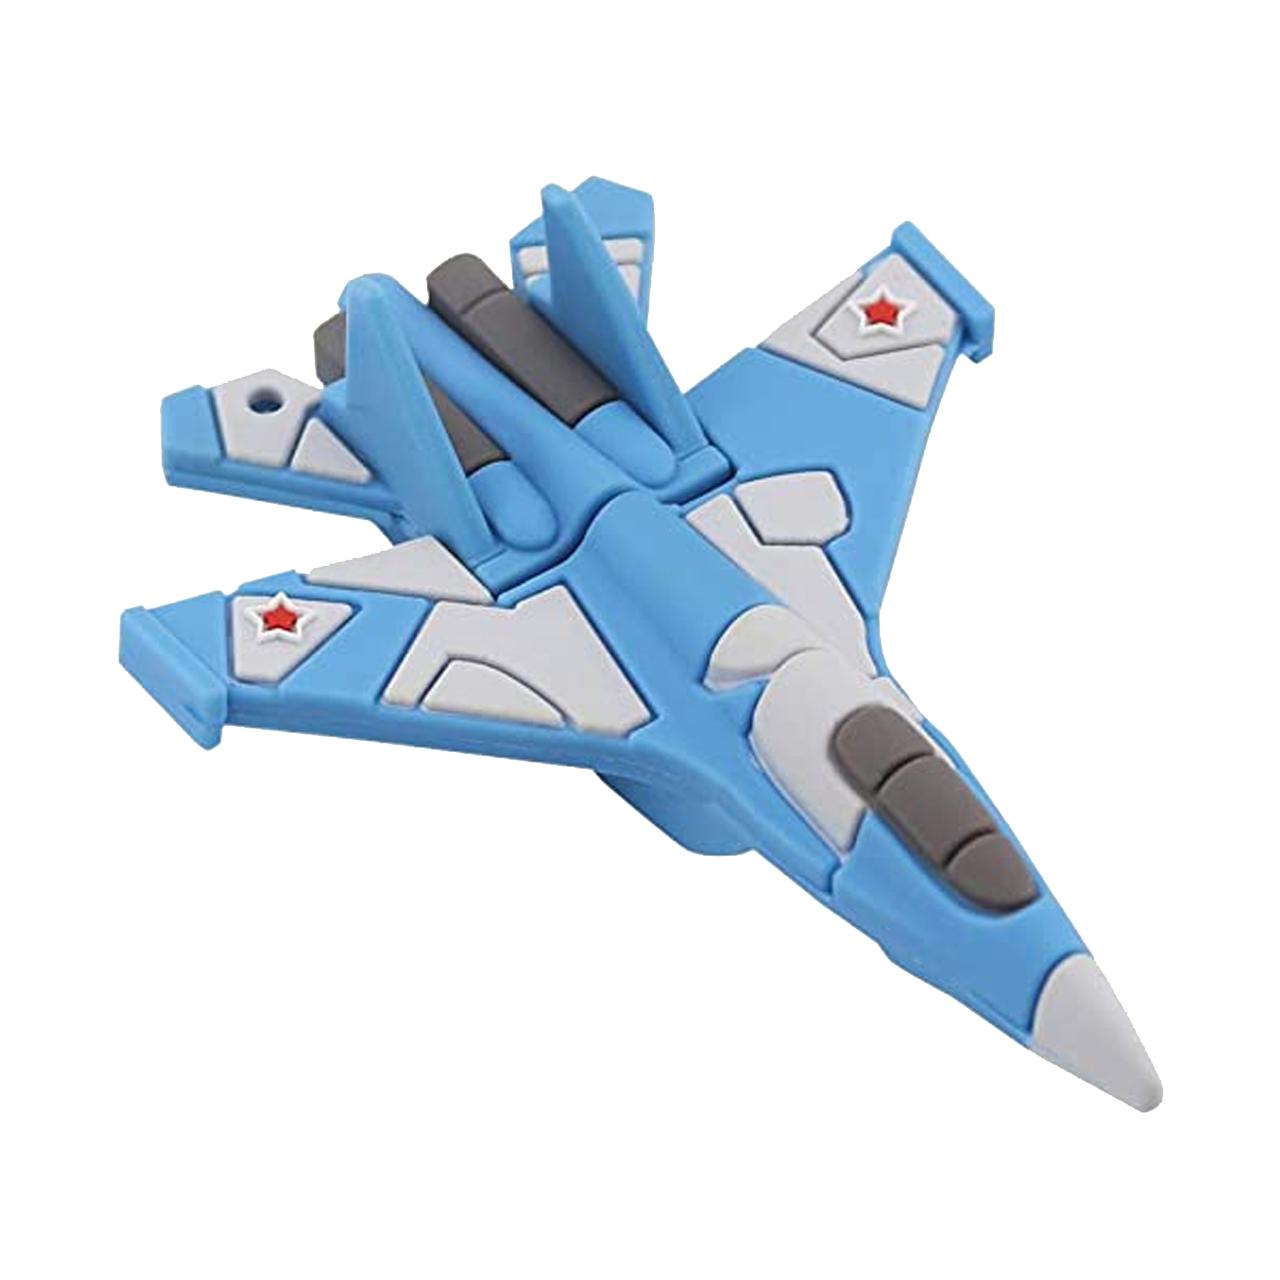 بررسی و خرید [با تخفیف]                                     فلش مموریطرح هواپیمای جنگنده مدل DPL1205 ظرفیت 32 گیگابایت                             اورجینال